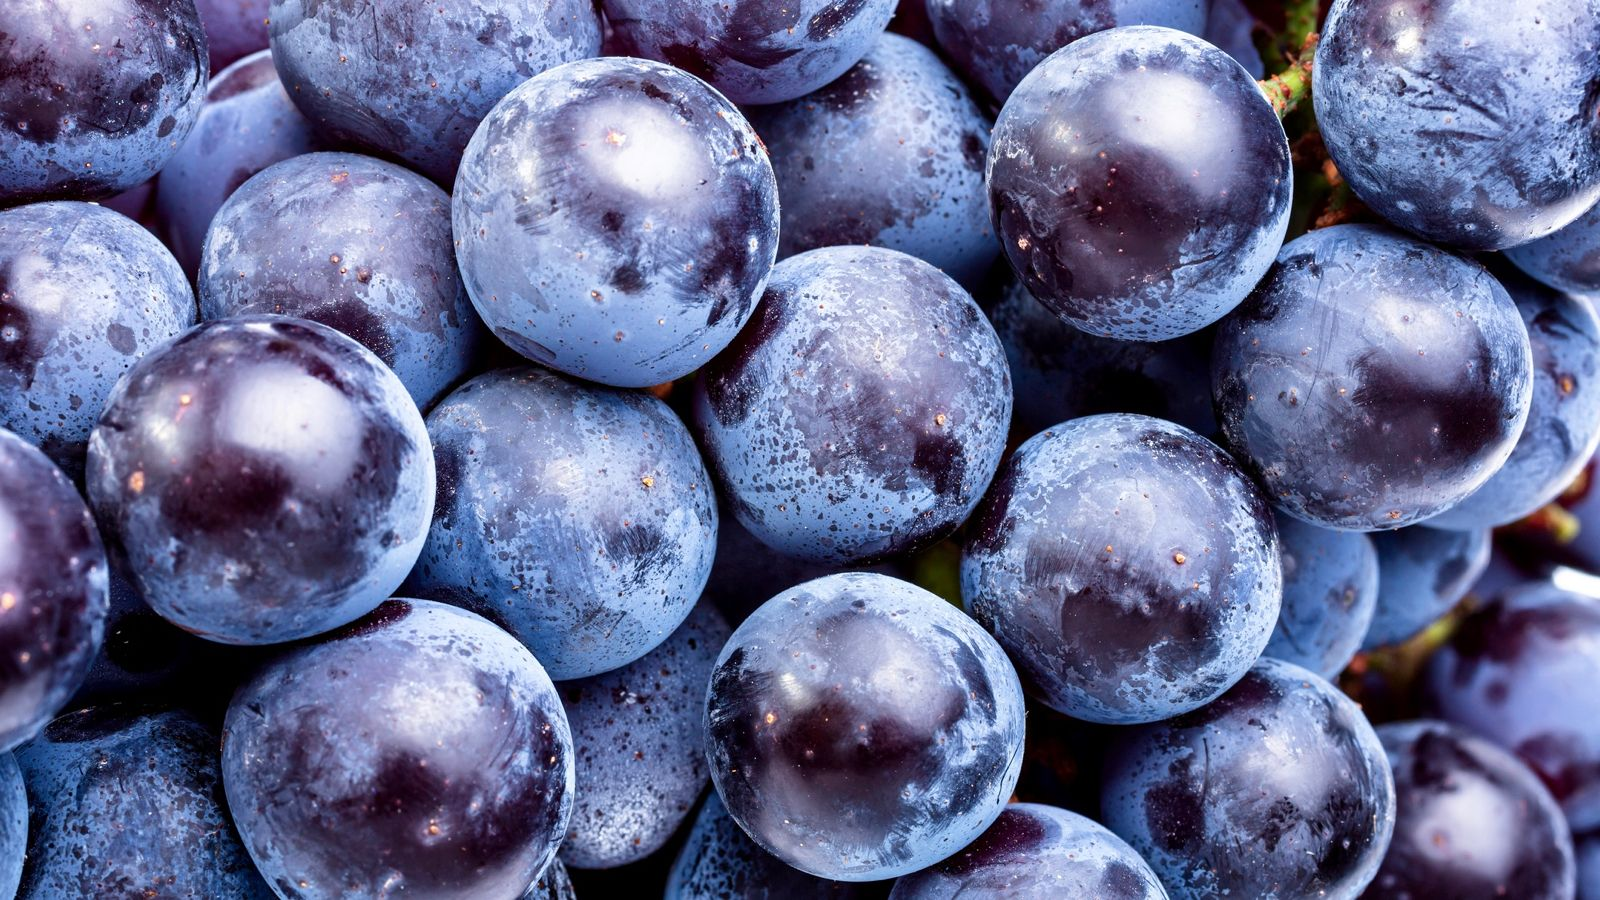 O polifenol no vinho faz bem? e polifenol